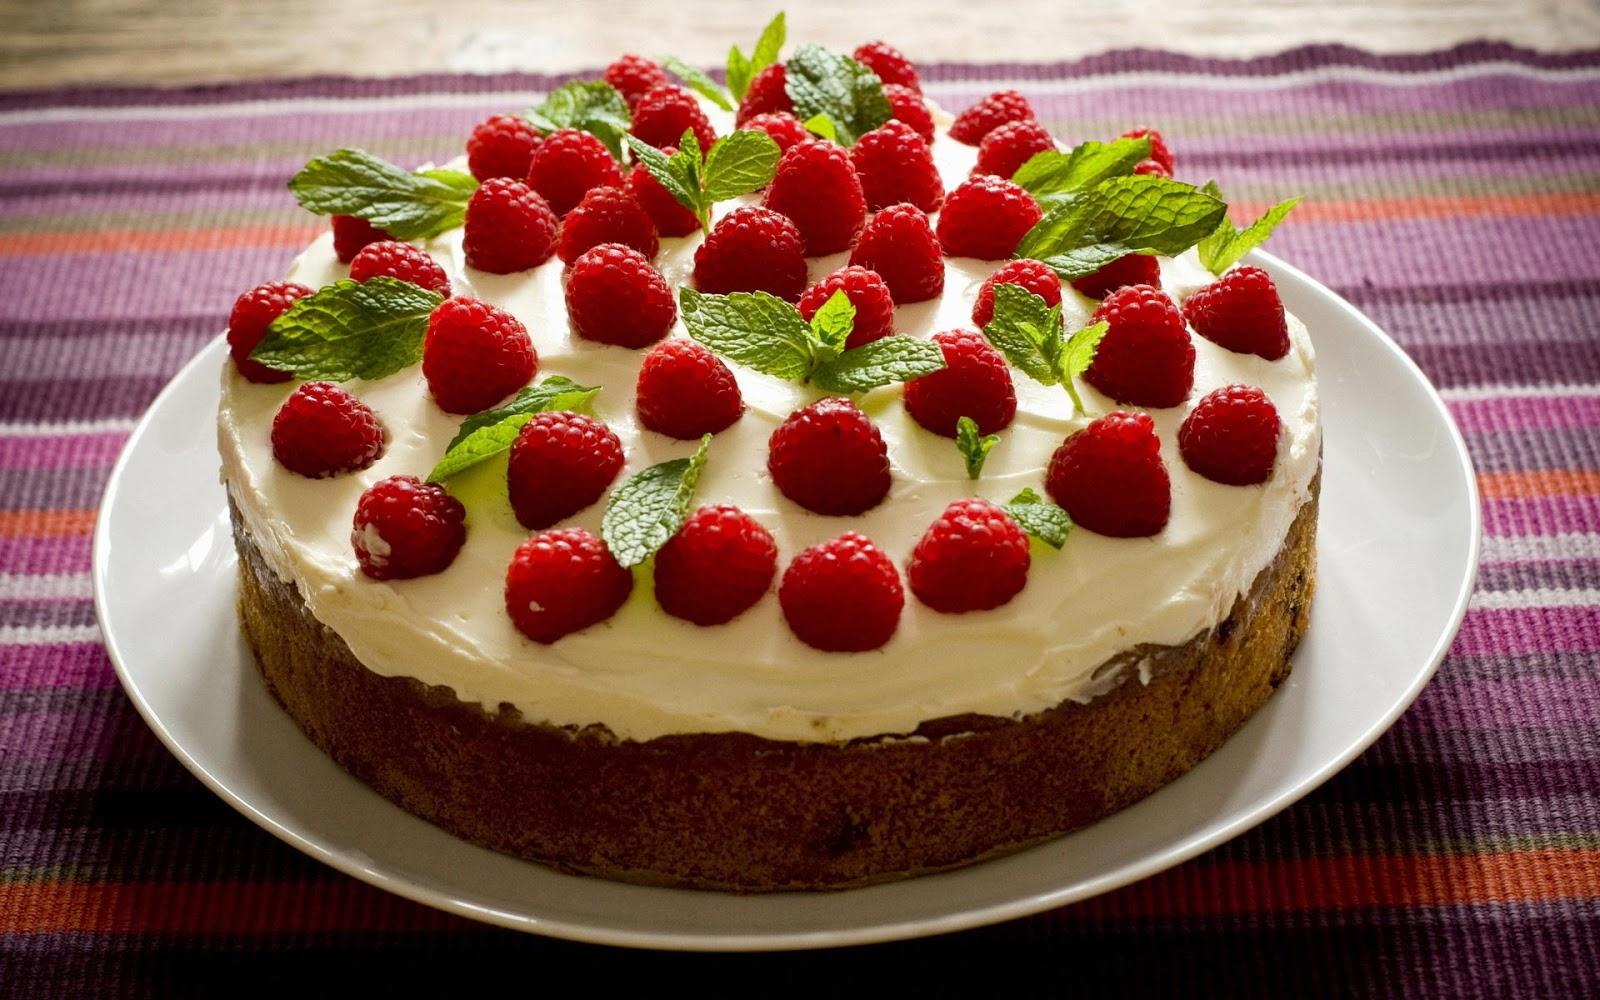 http://3.bp.blogspot.com/-u7HO6uWUs8Q/UUci-1maWuI/AAAAAAAASDc/UII_s40_vh0/s1600/raspberry_cake_hd_widescreen_1200.jpeg